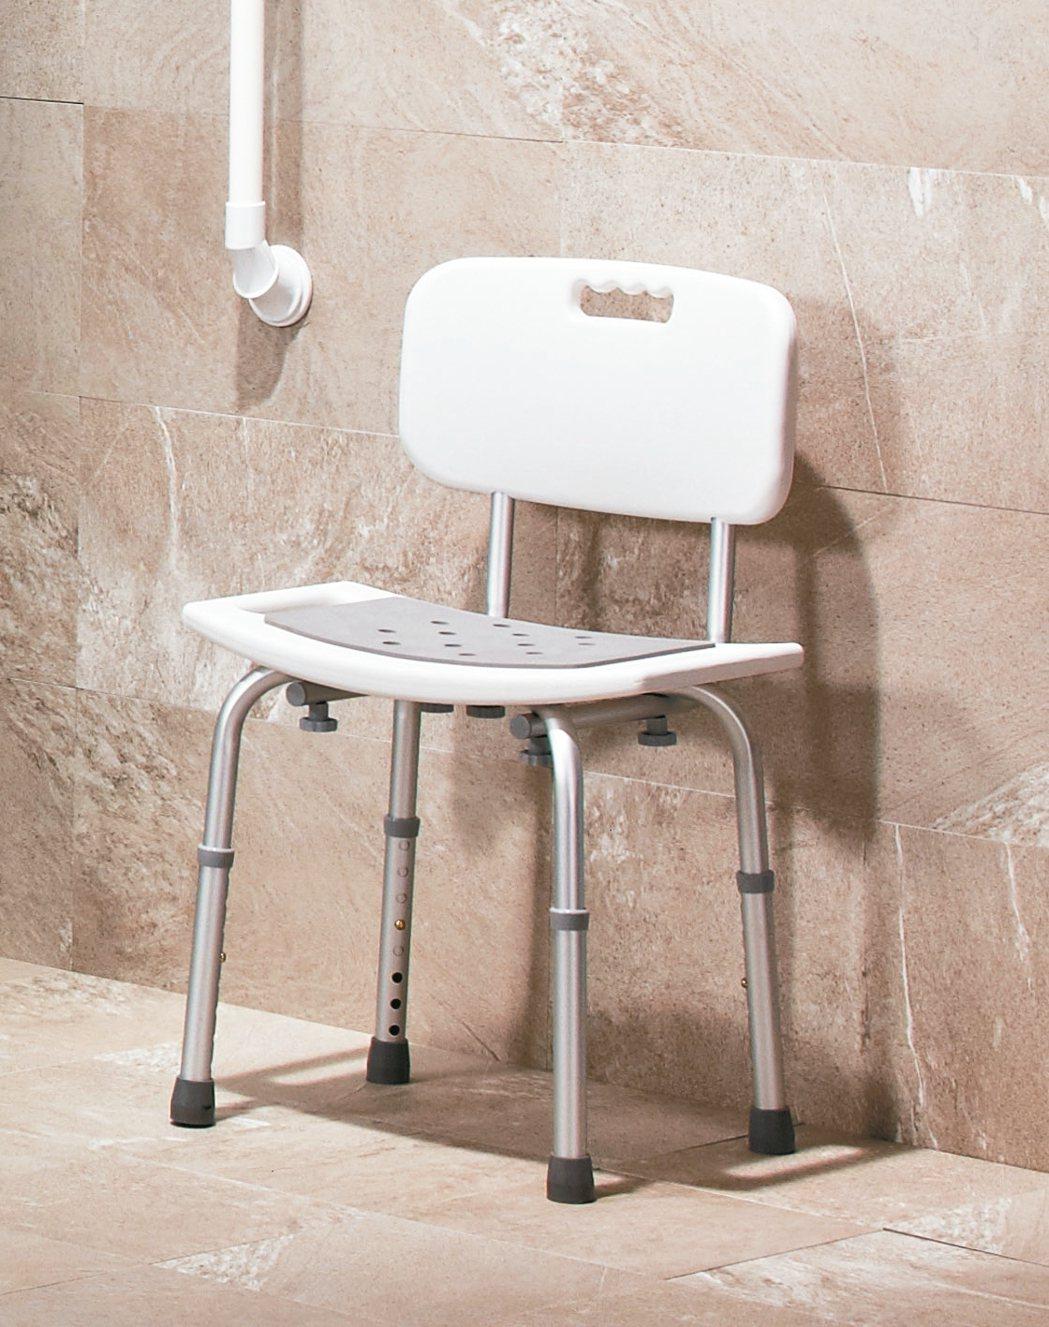 浴室不一定要有浴缸但,但可準備一張洗澡椅,降低長輩滑倒風險。 特力屋/提供